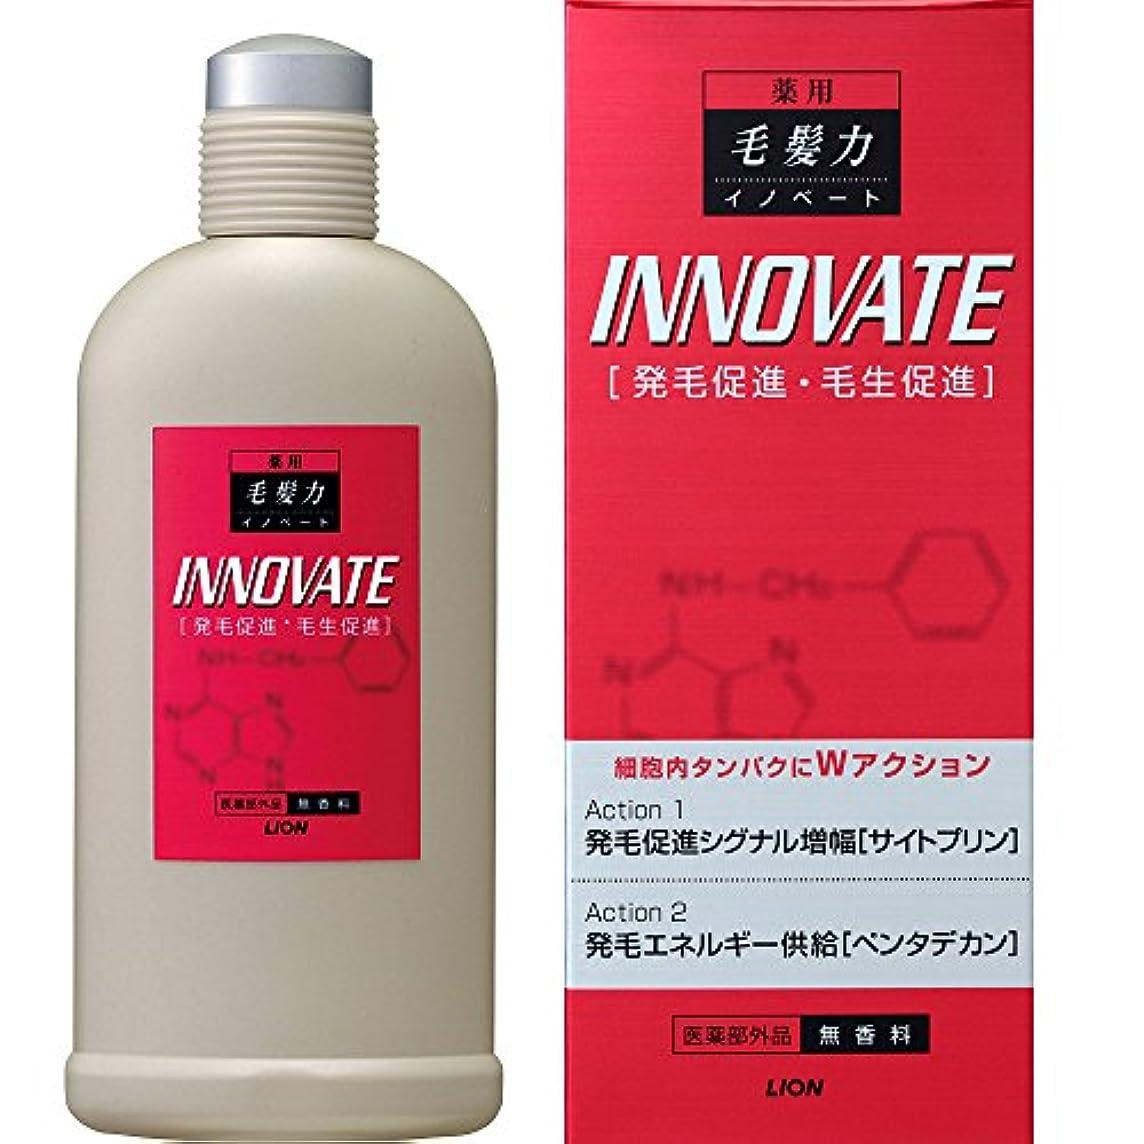 トレーダー道復活する薬用毛髪力イノベート 育毛剤 200ml(医薬部外品)